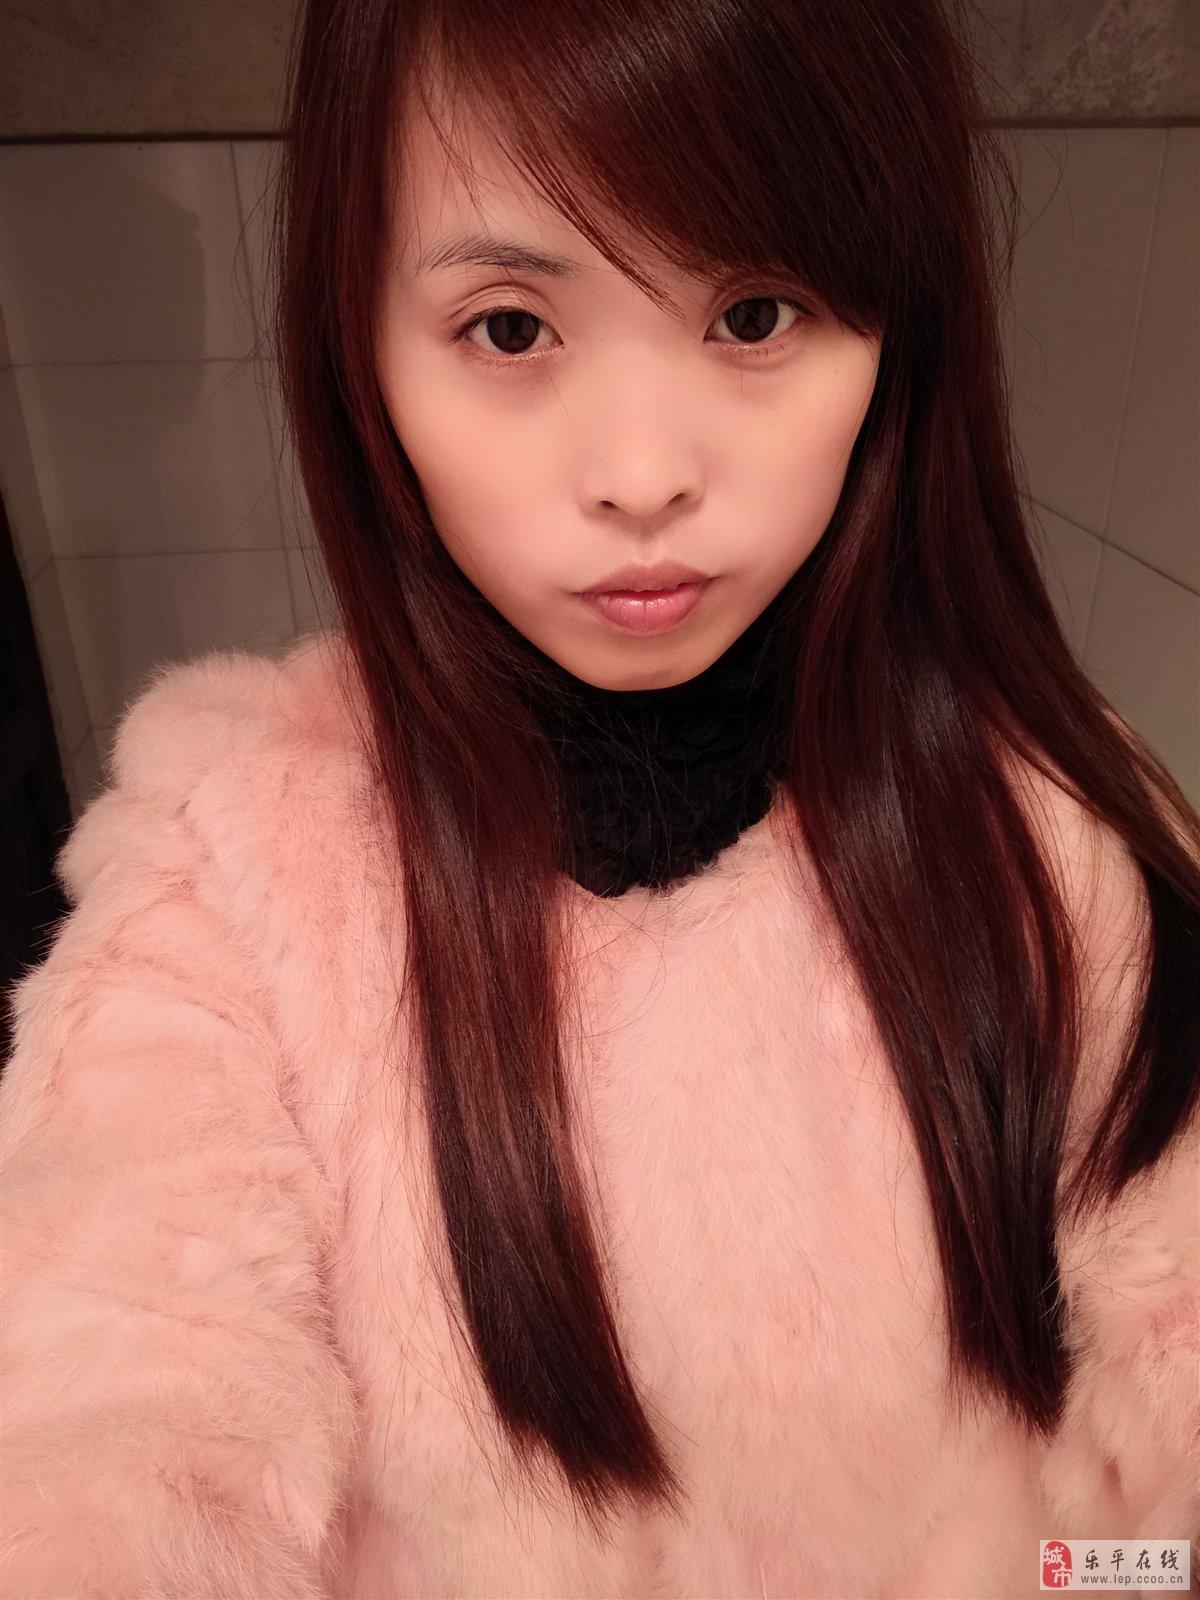 【美女秀场】李秀贞 27岁 双子座 自由